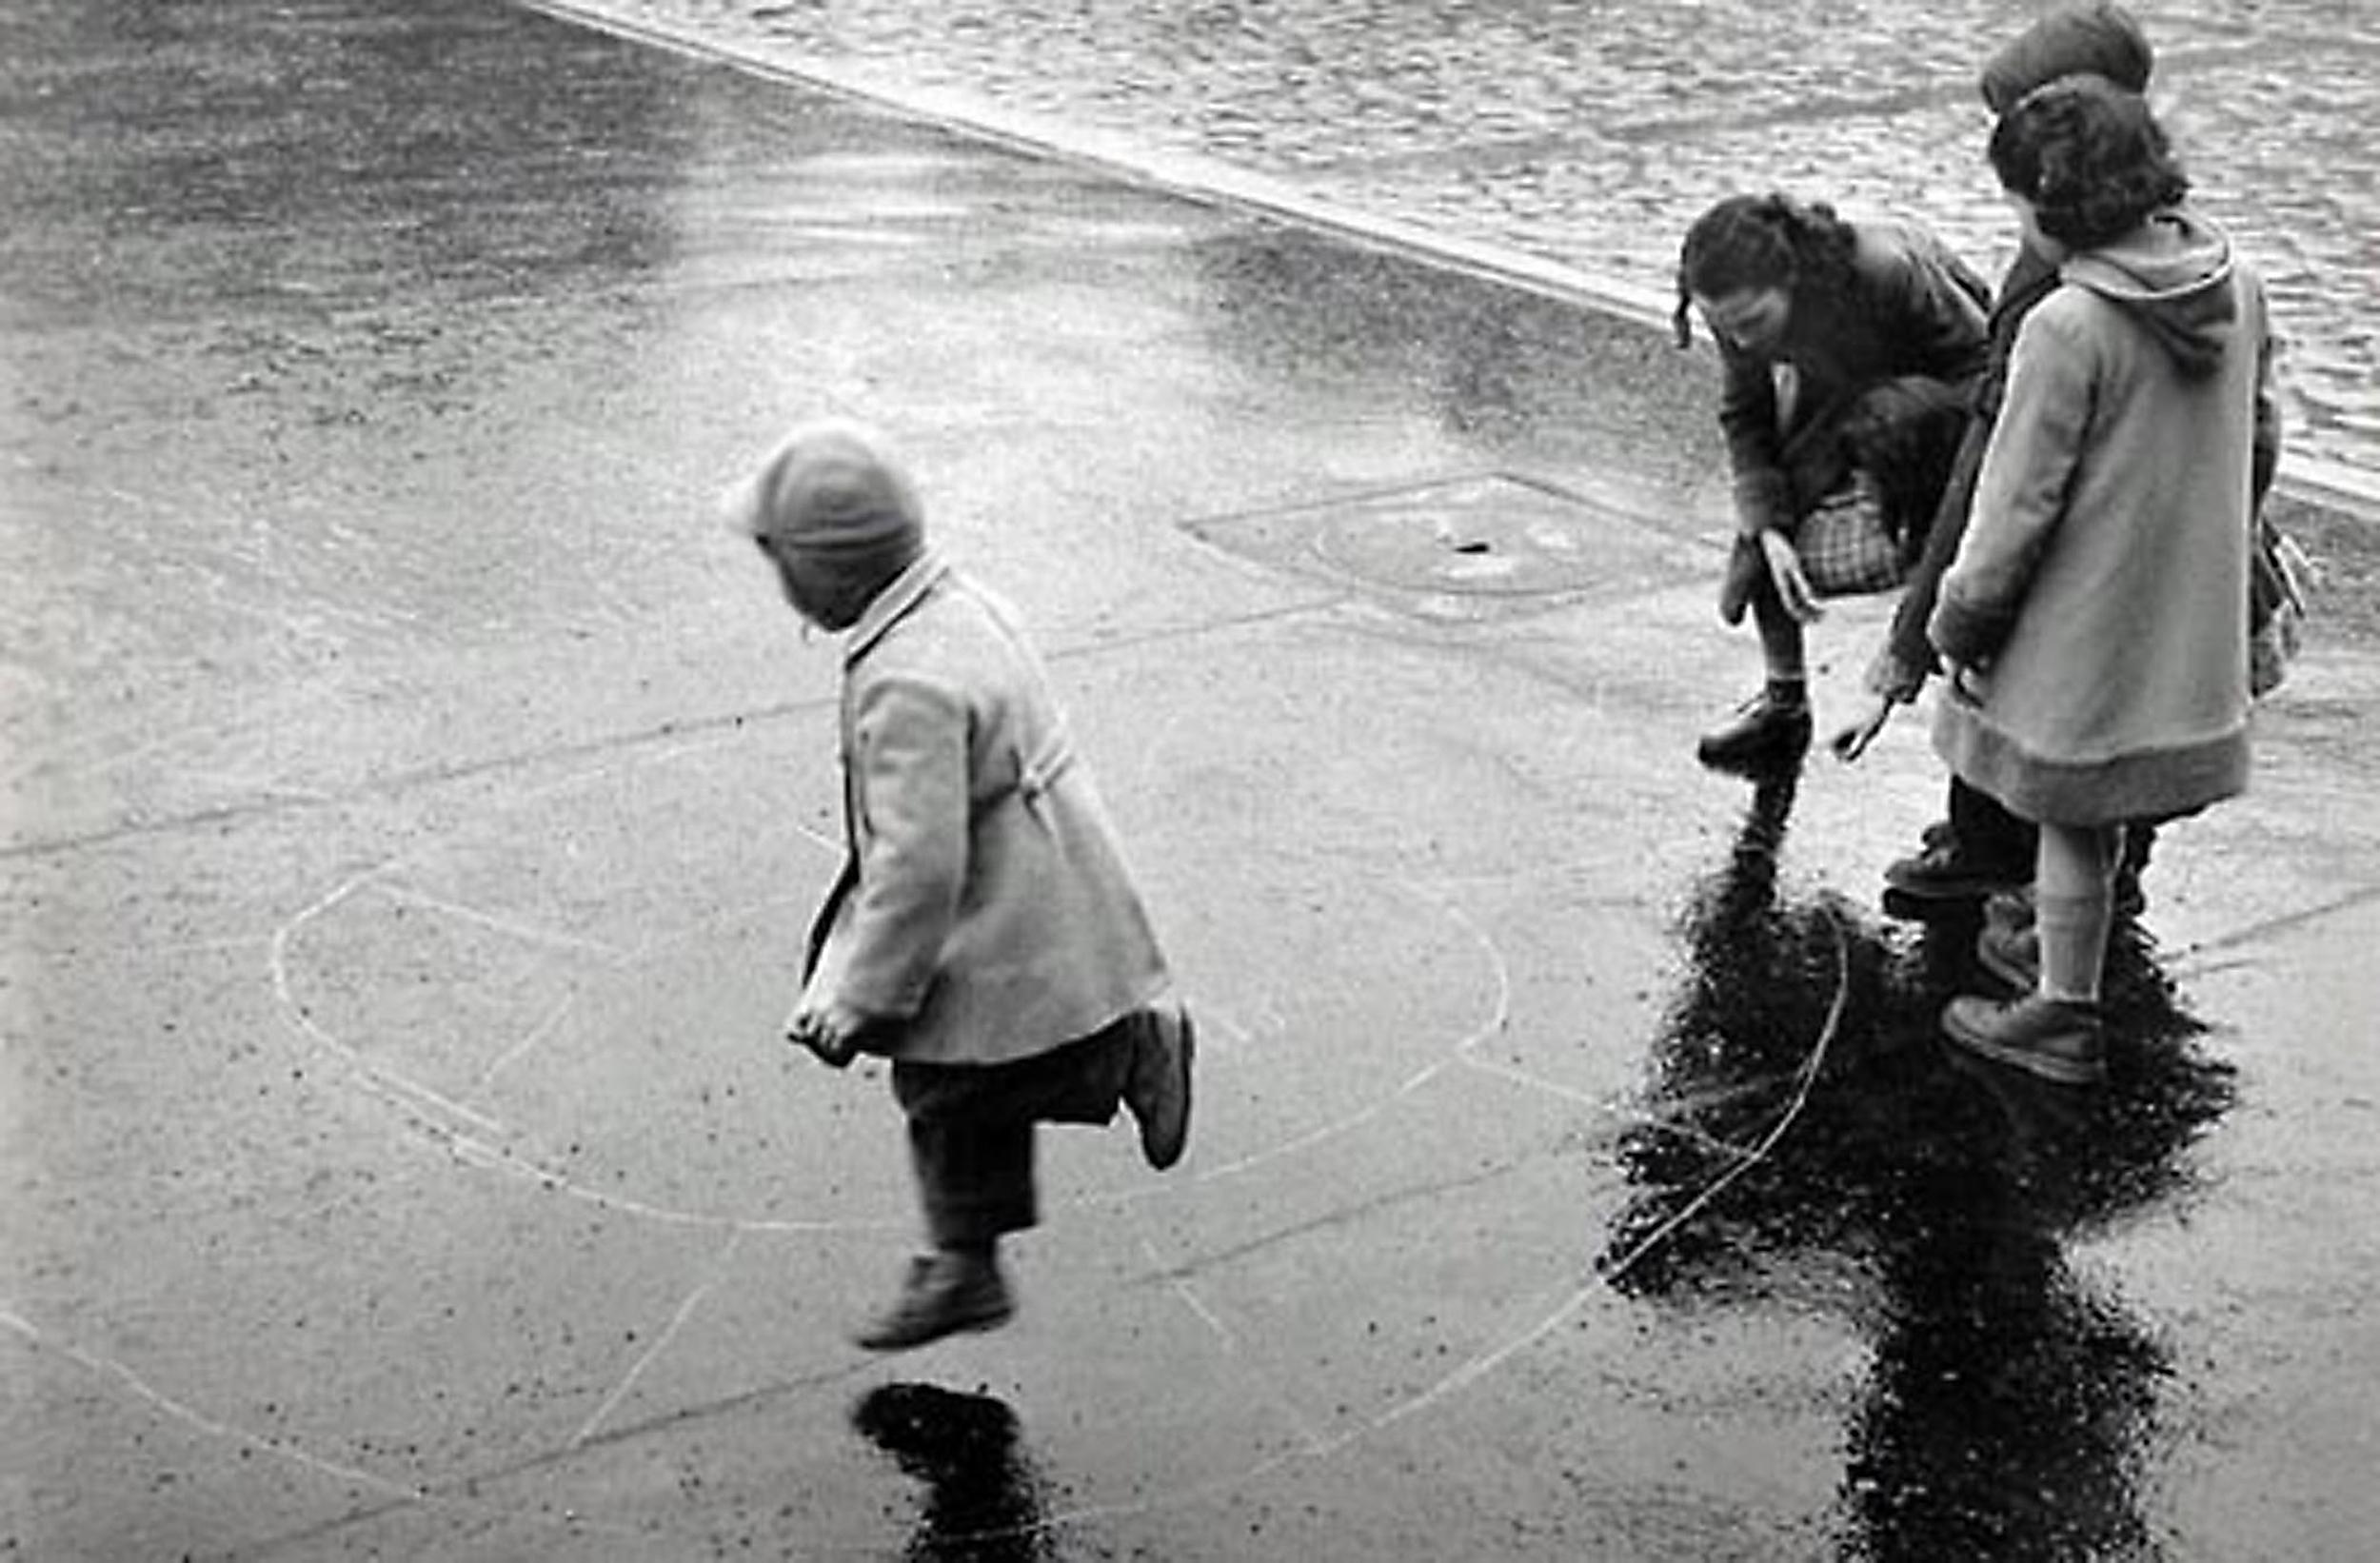 HANNON_hopscotch_(paris)_1956_p11x14_high.jpg